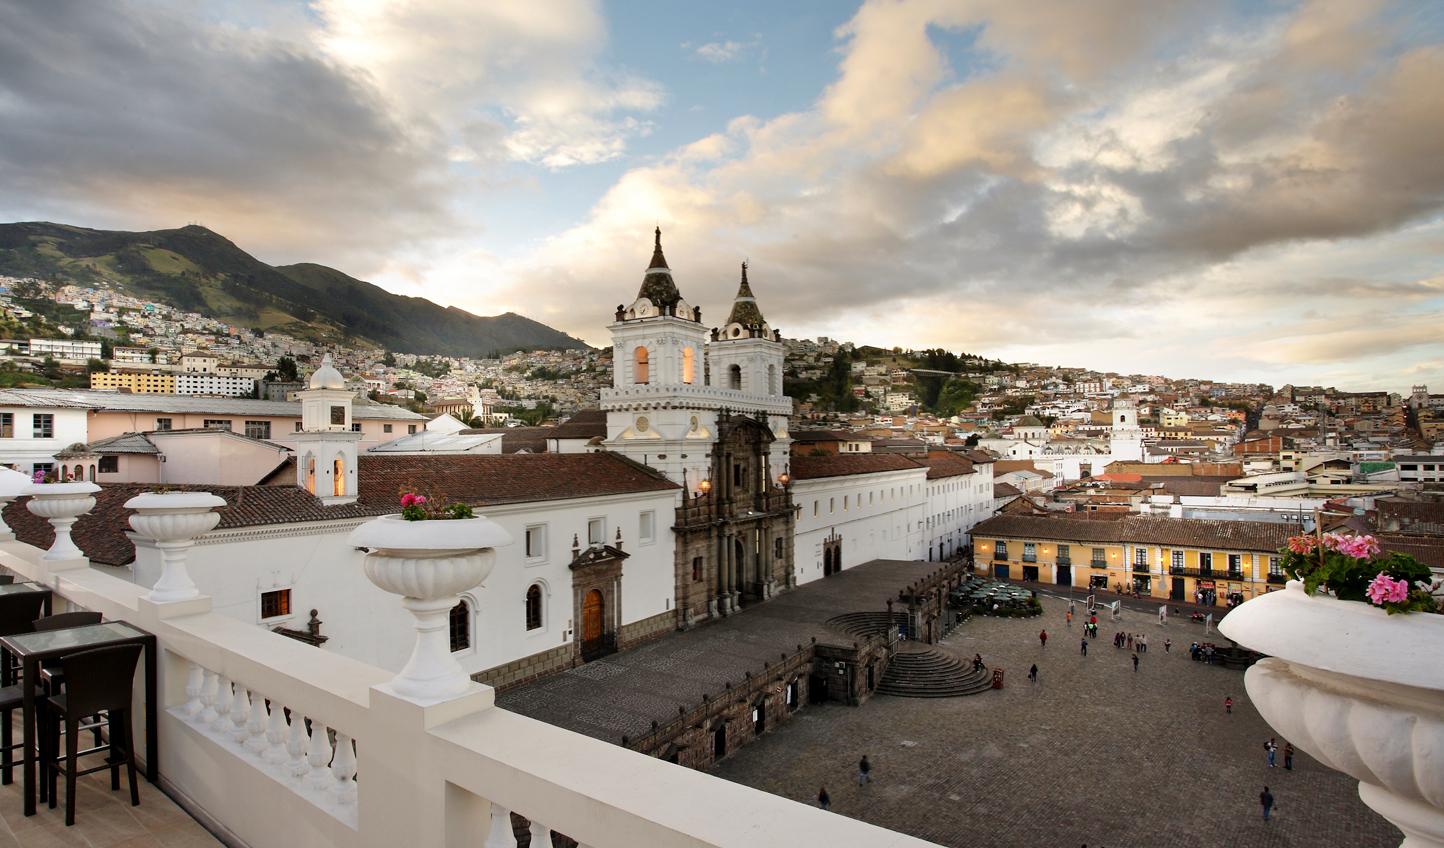 The view of Plaza San Francisco from Casa Gangotena